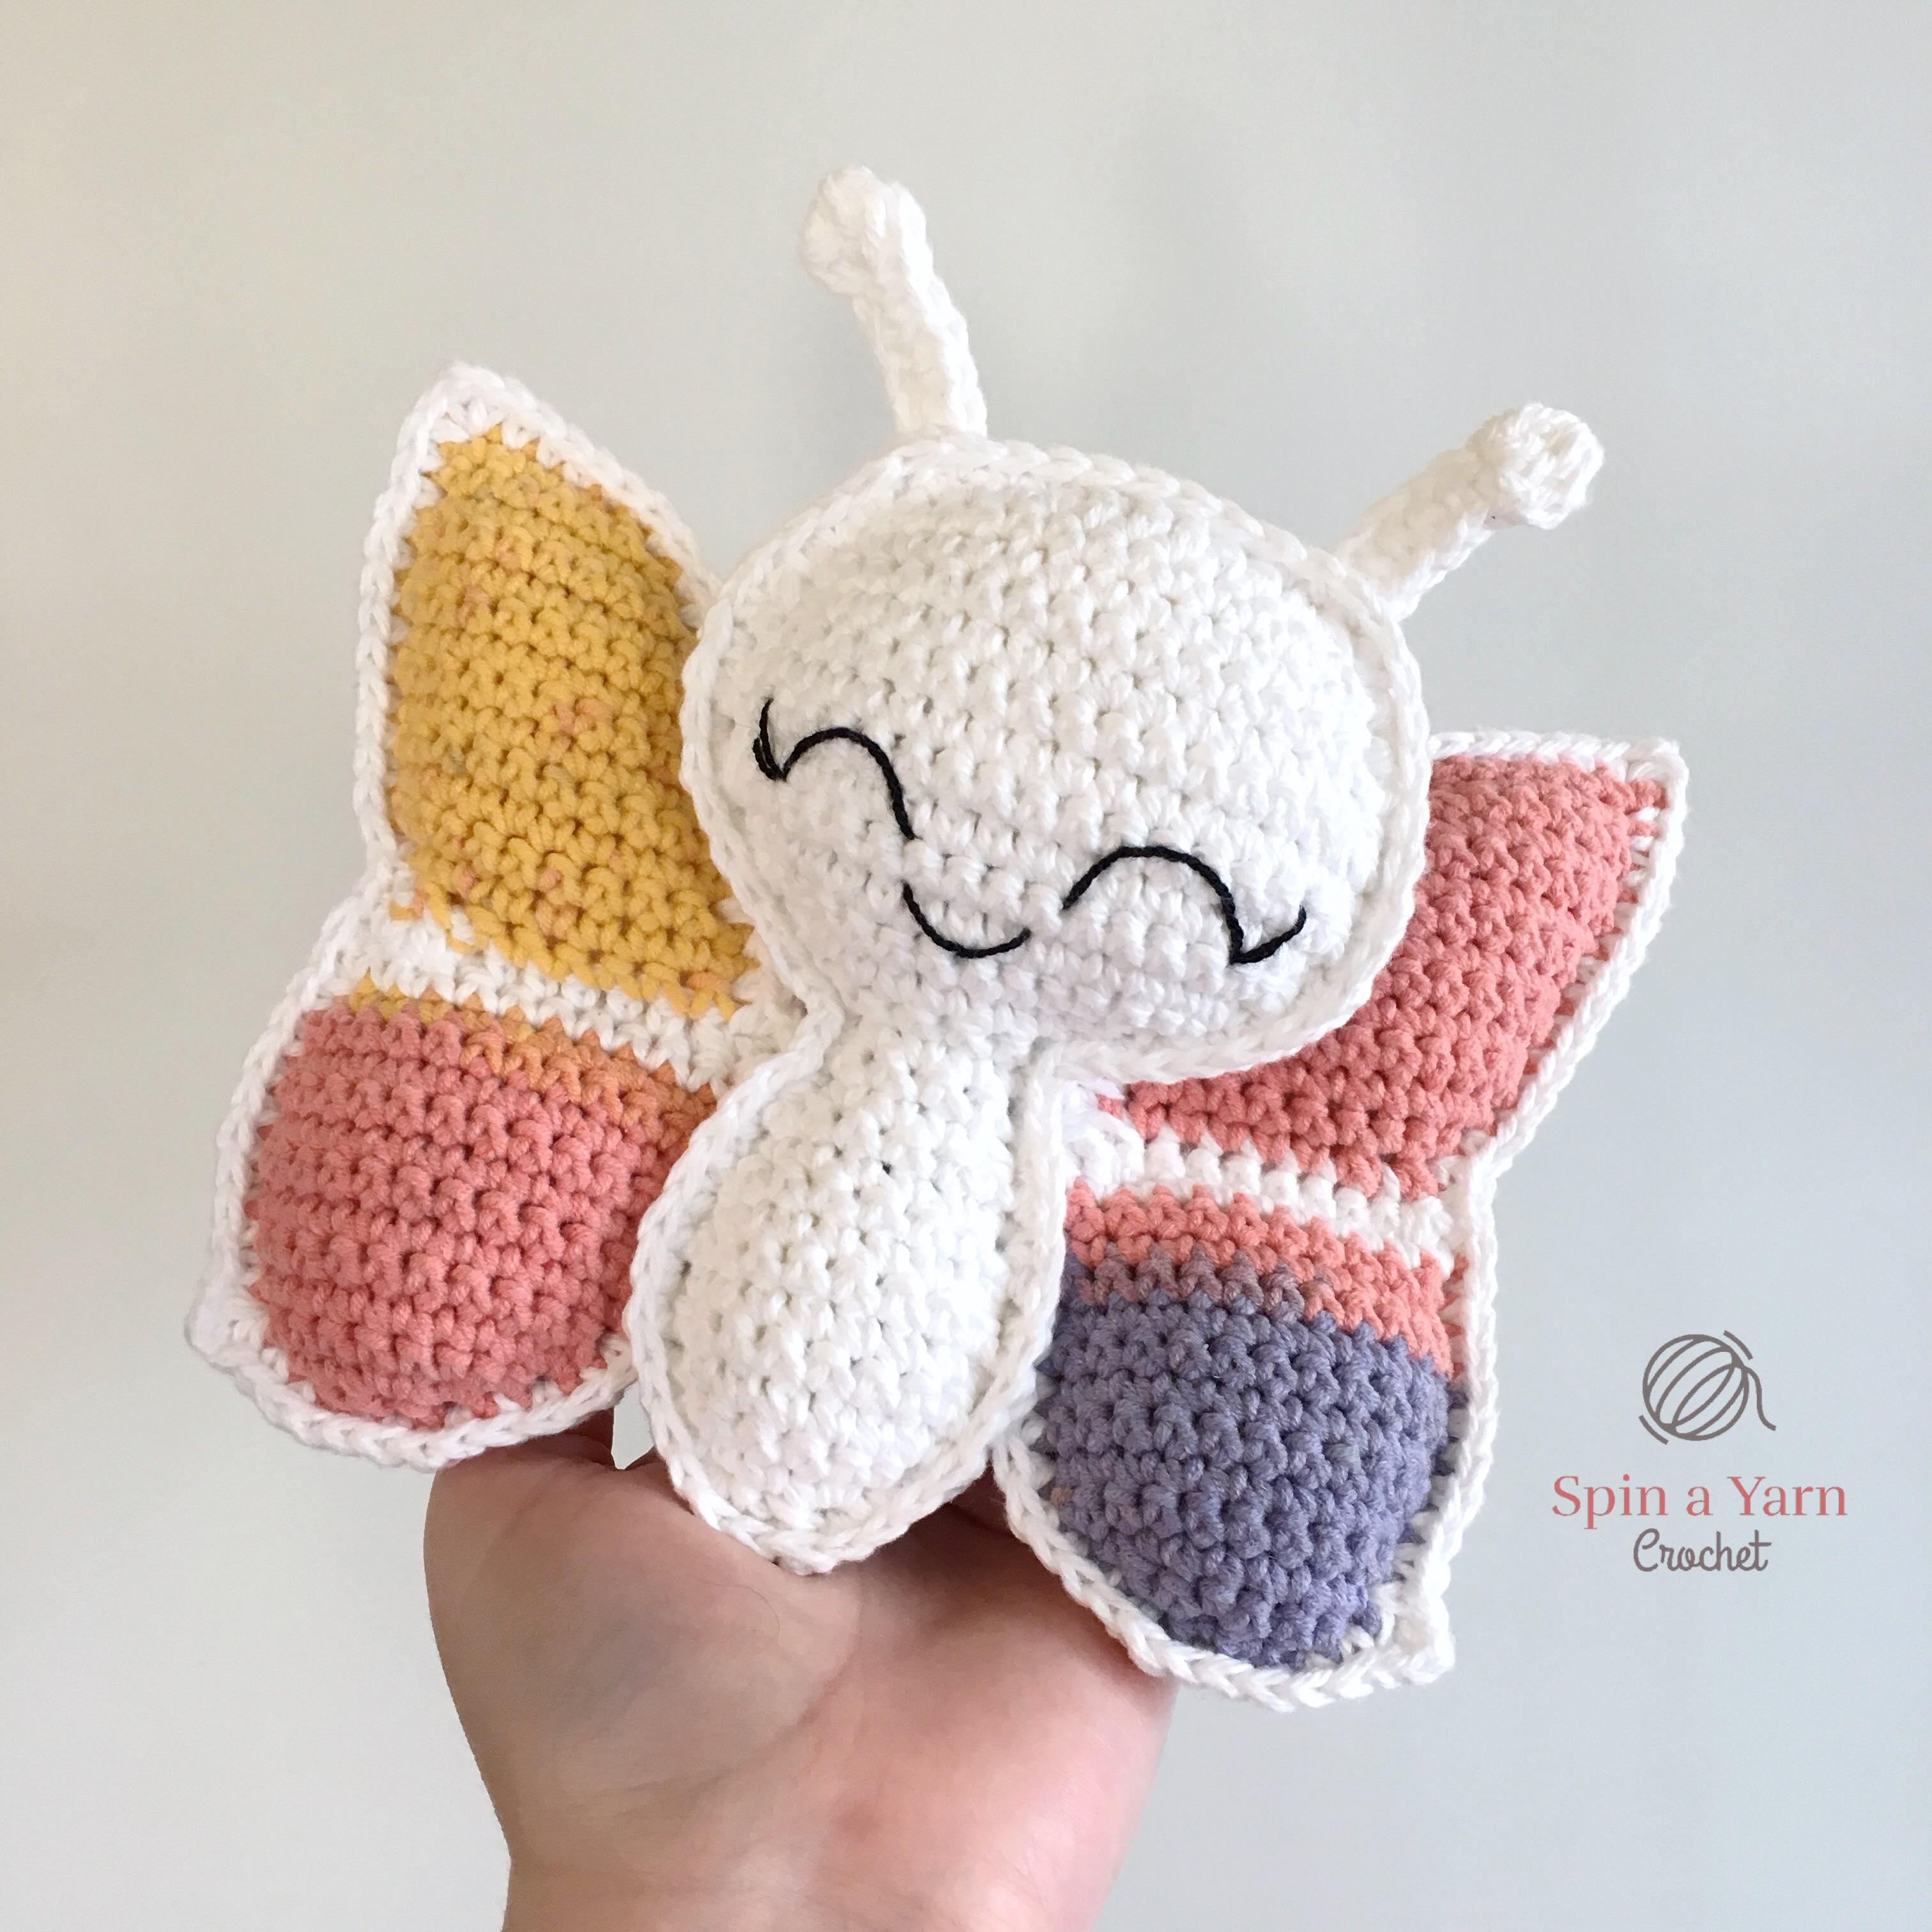 Butterfly Amigurumi Free Crochet Pattern • Spin a Yarn Crochet